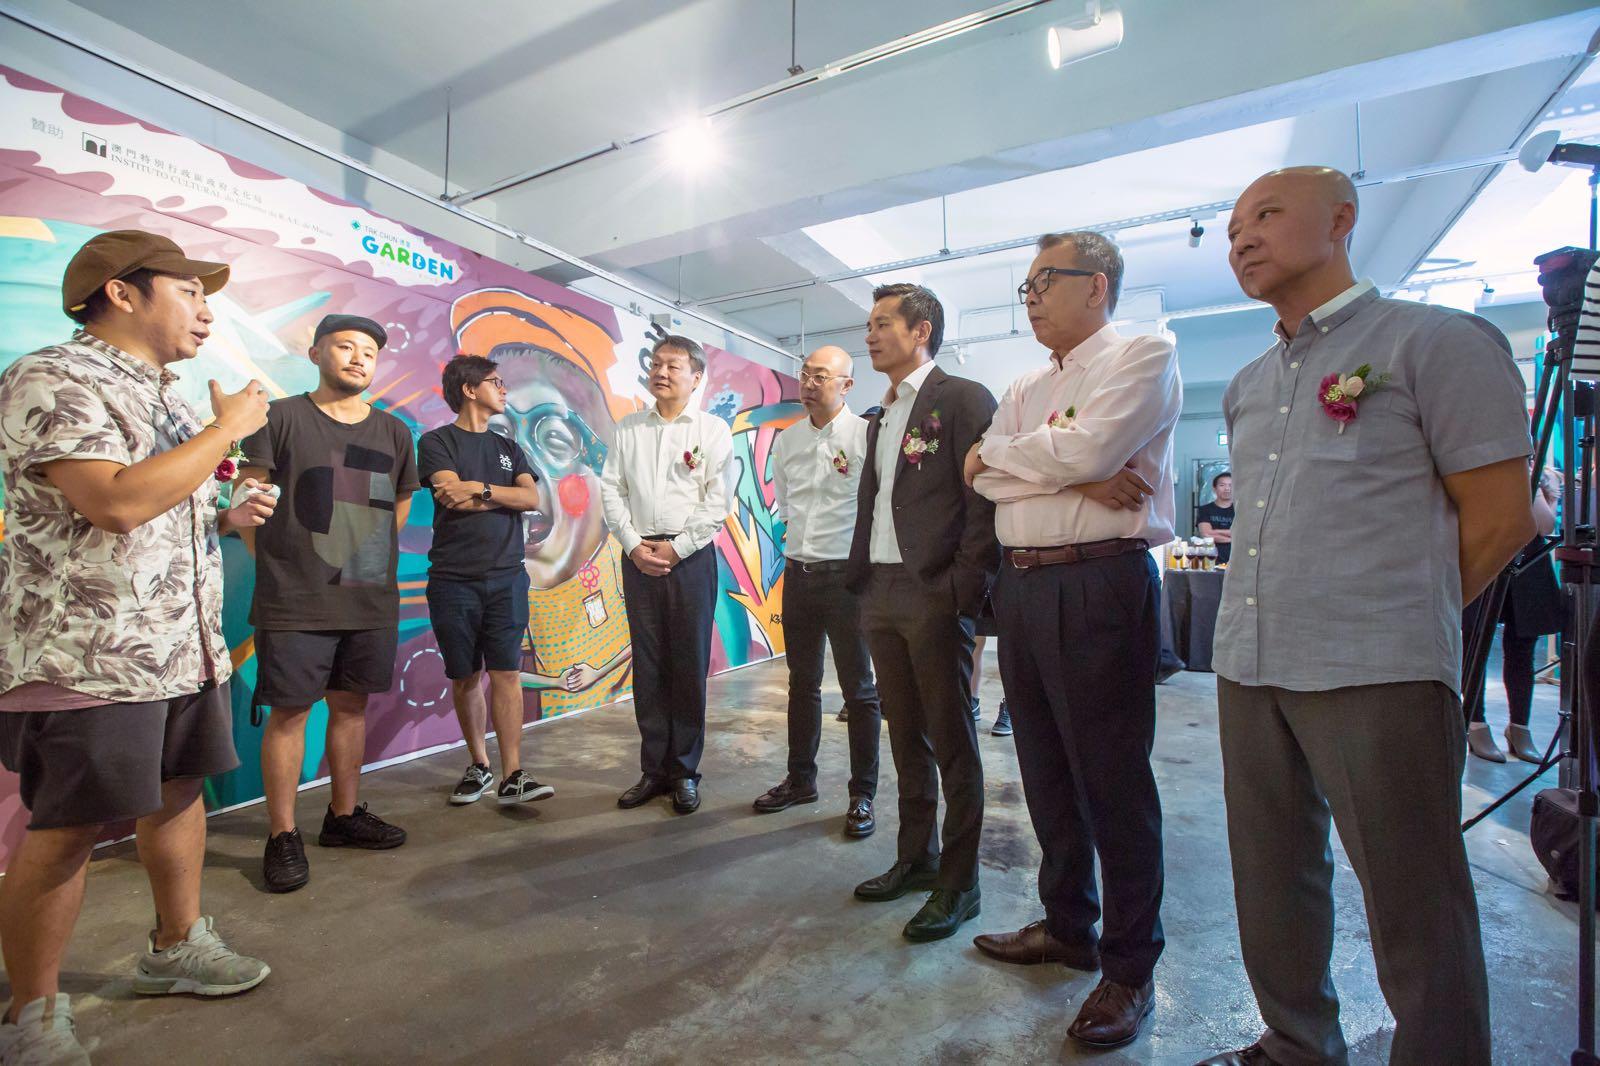 德晉藝術花園將不定期舉辦各類型的藝術展覽